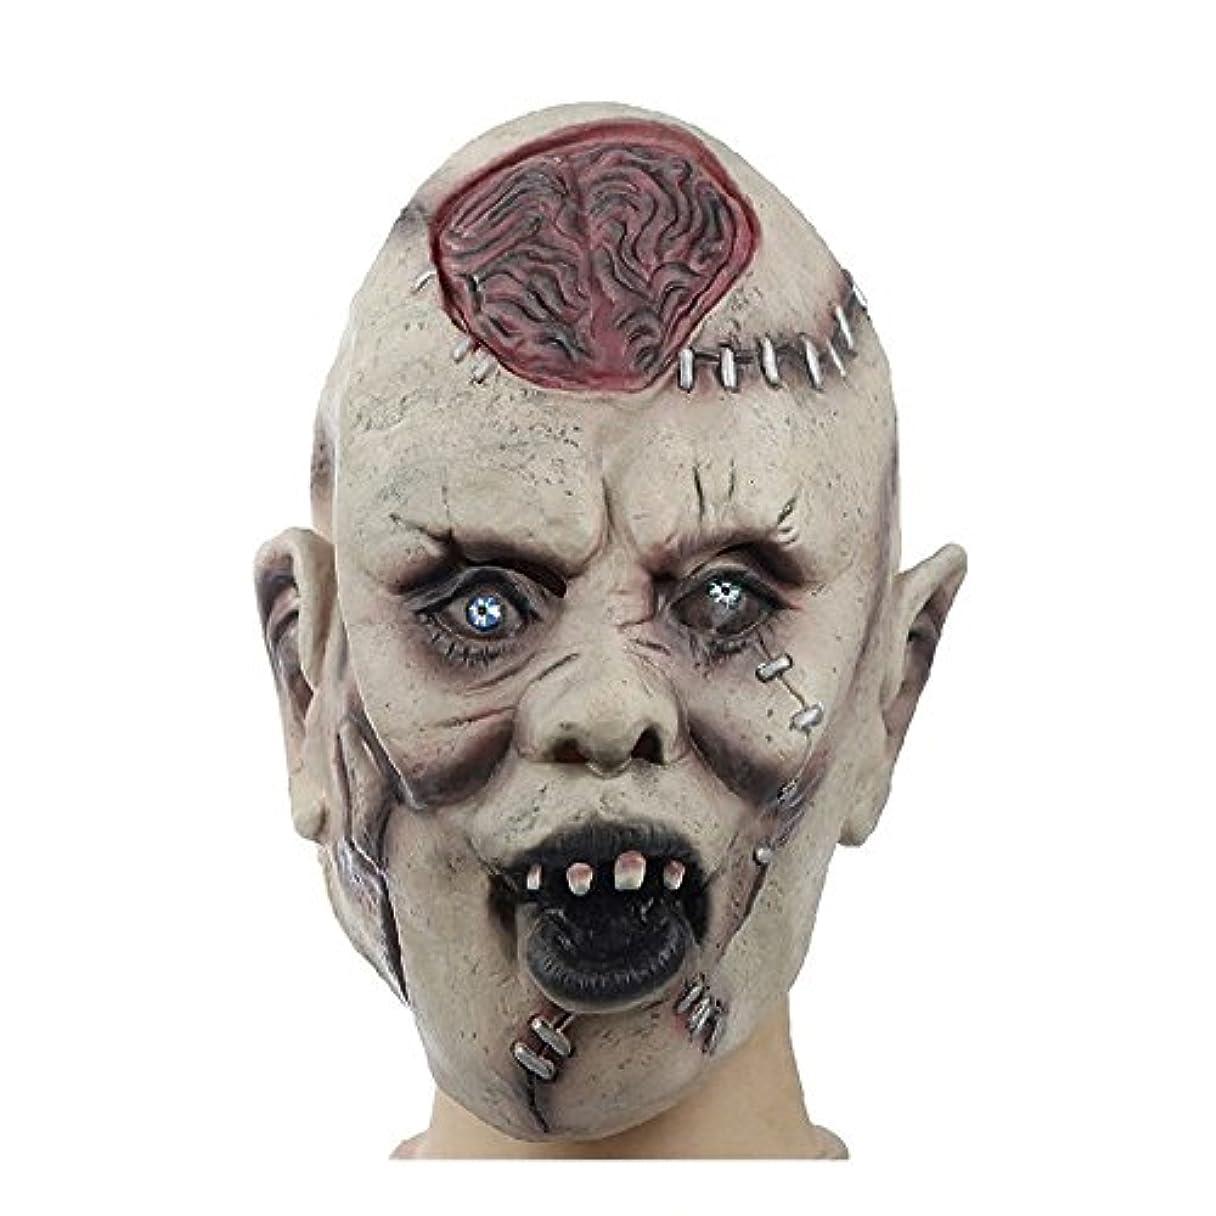 悪行追加言及するハロウィーンラテックスマスク、ホラーしかめっ面マスク、ラテックスヘッドギア、ブレインマスク